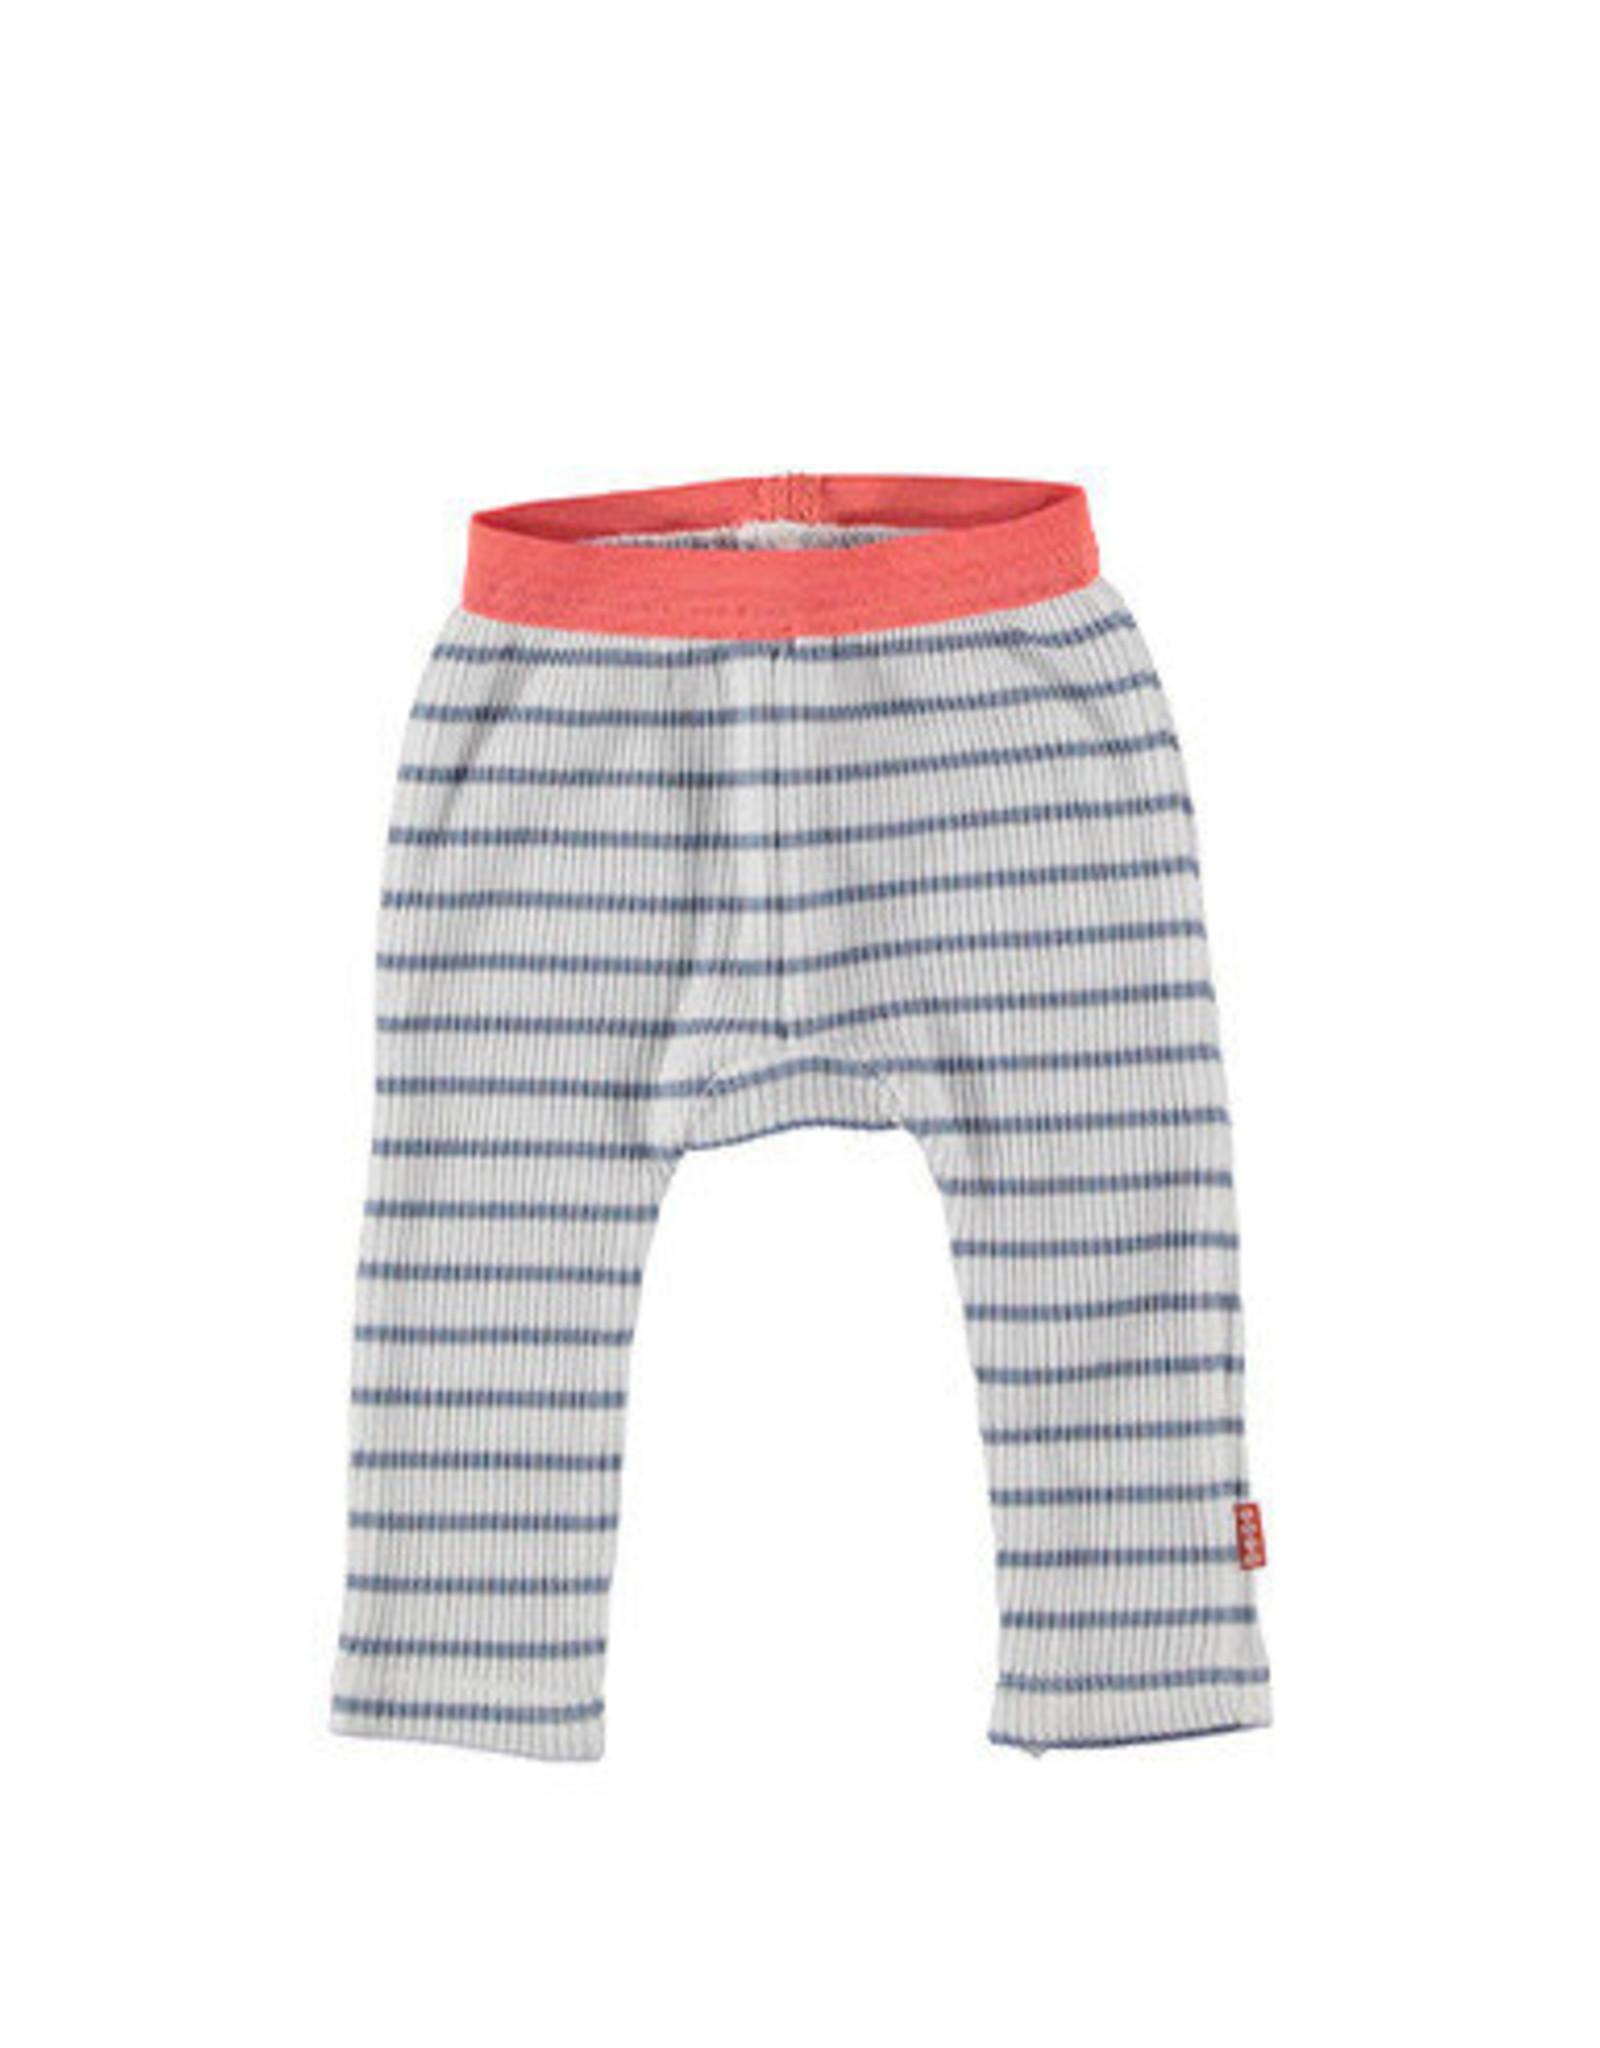 B.E.S.S. Legging Striped, White